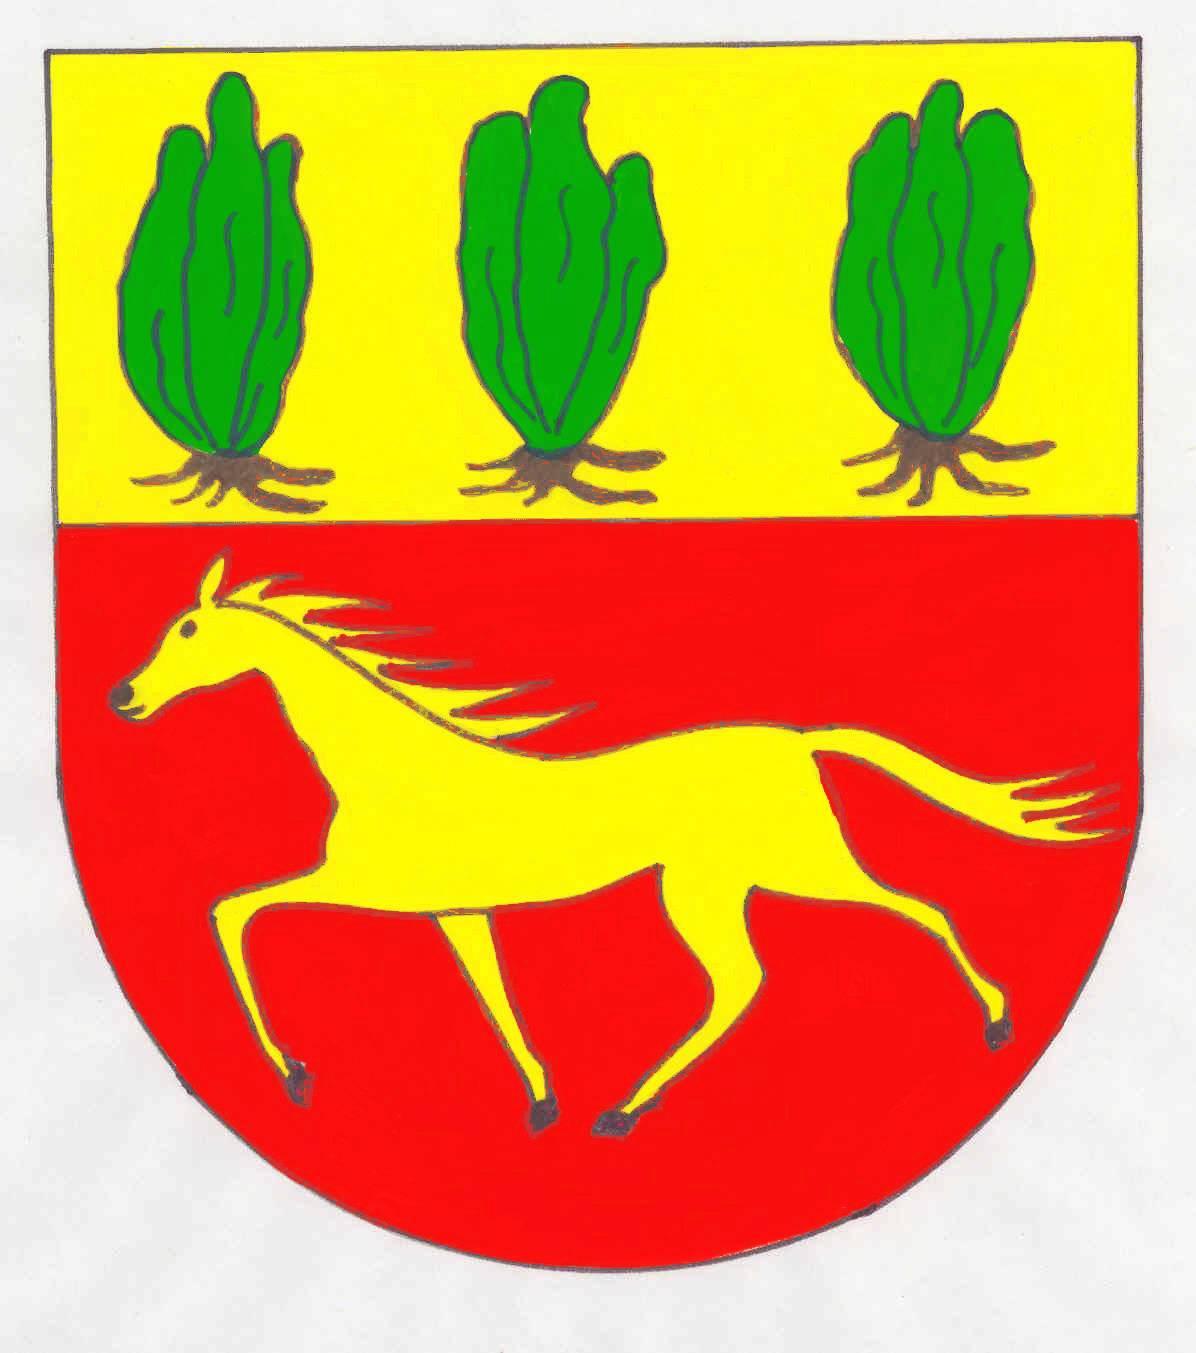 Wappen GemeindeReher, Kreis Steinburg